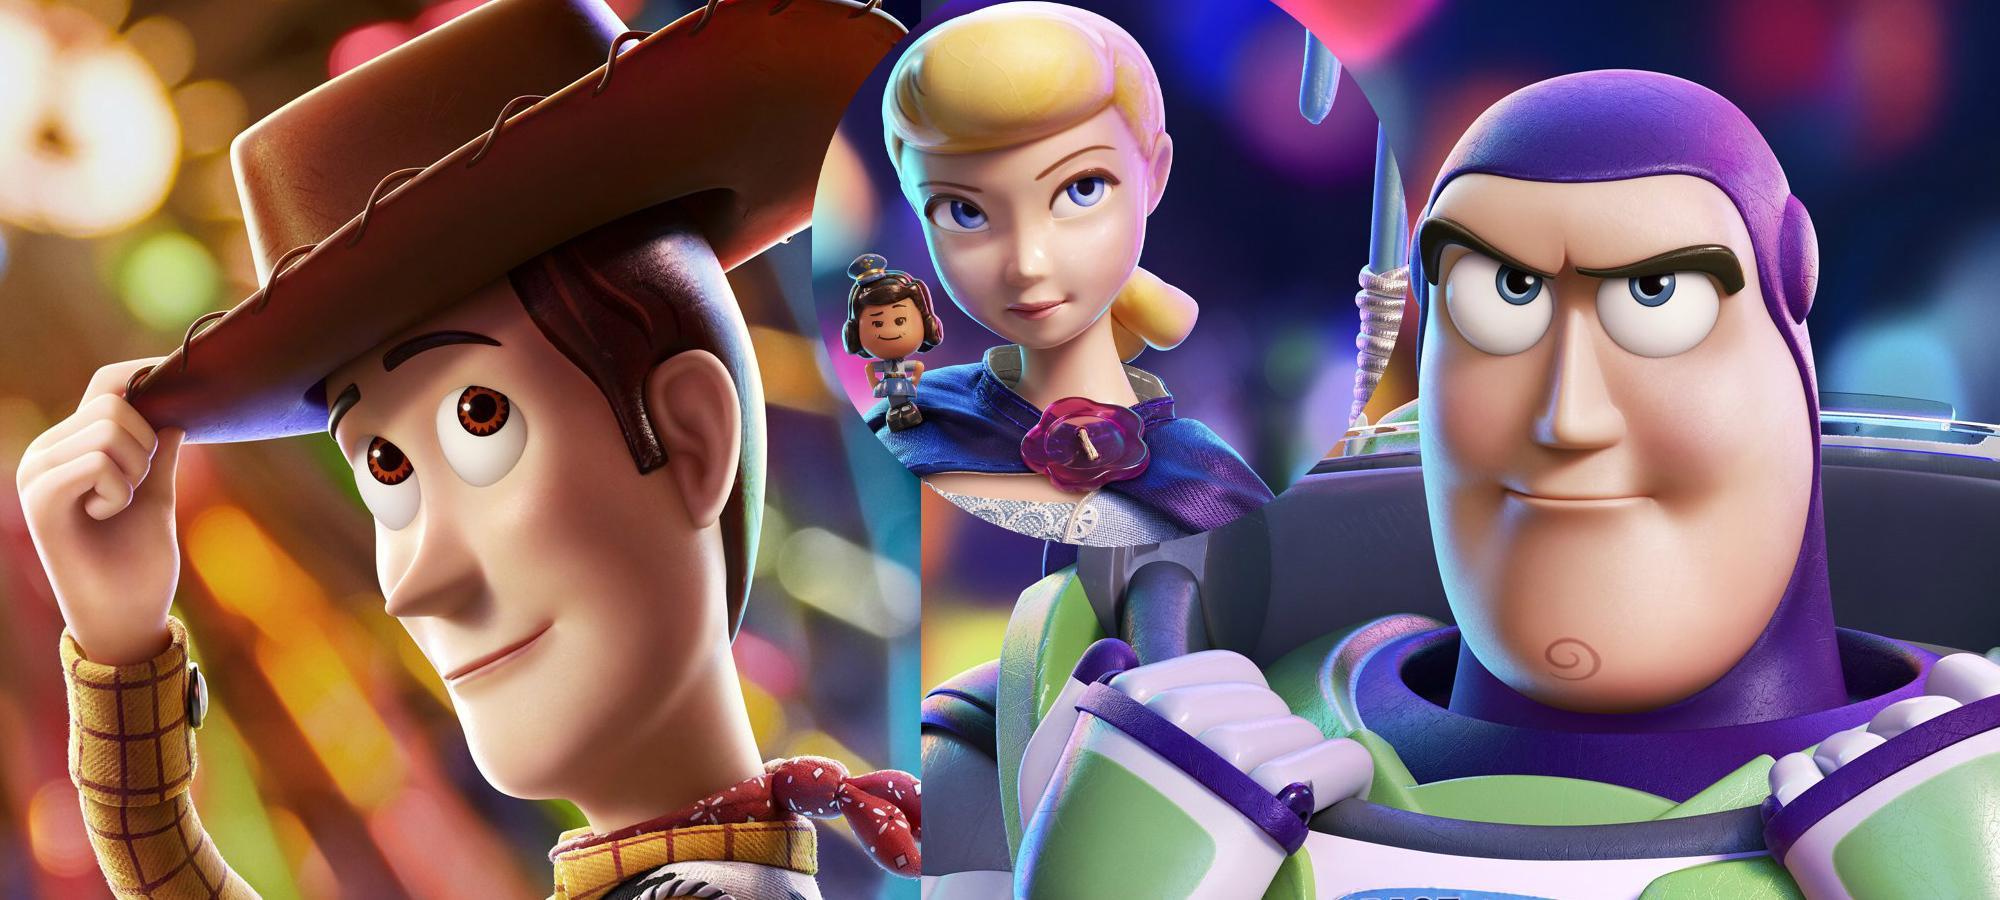 La preventa de Toy Story 4 destroza récord de Los Increíbles 2 en EUA